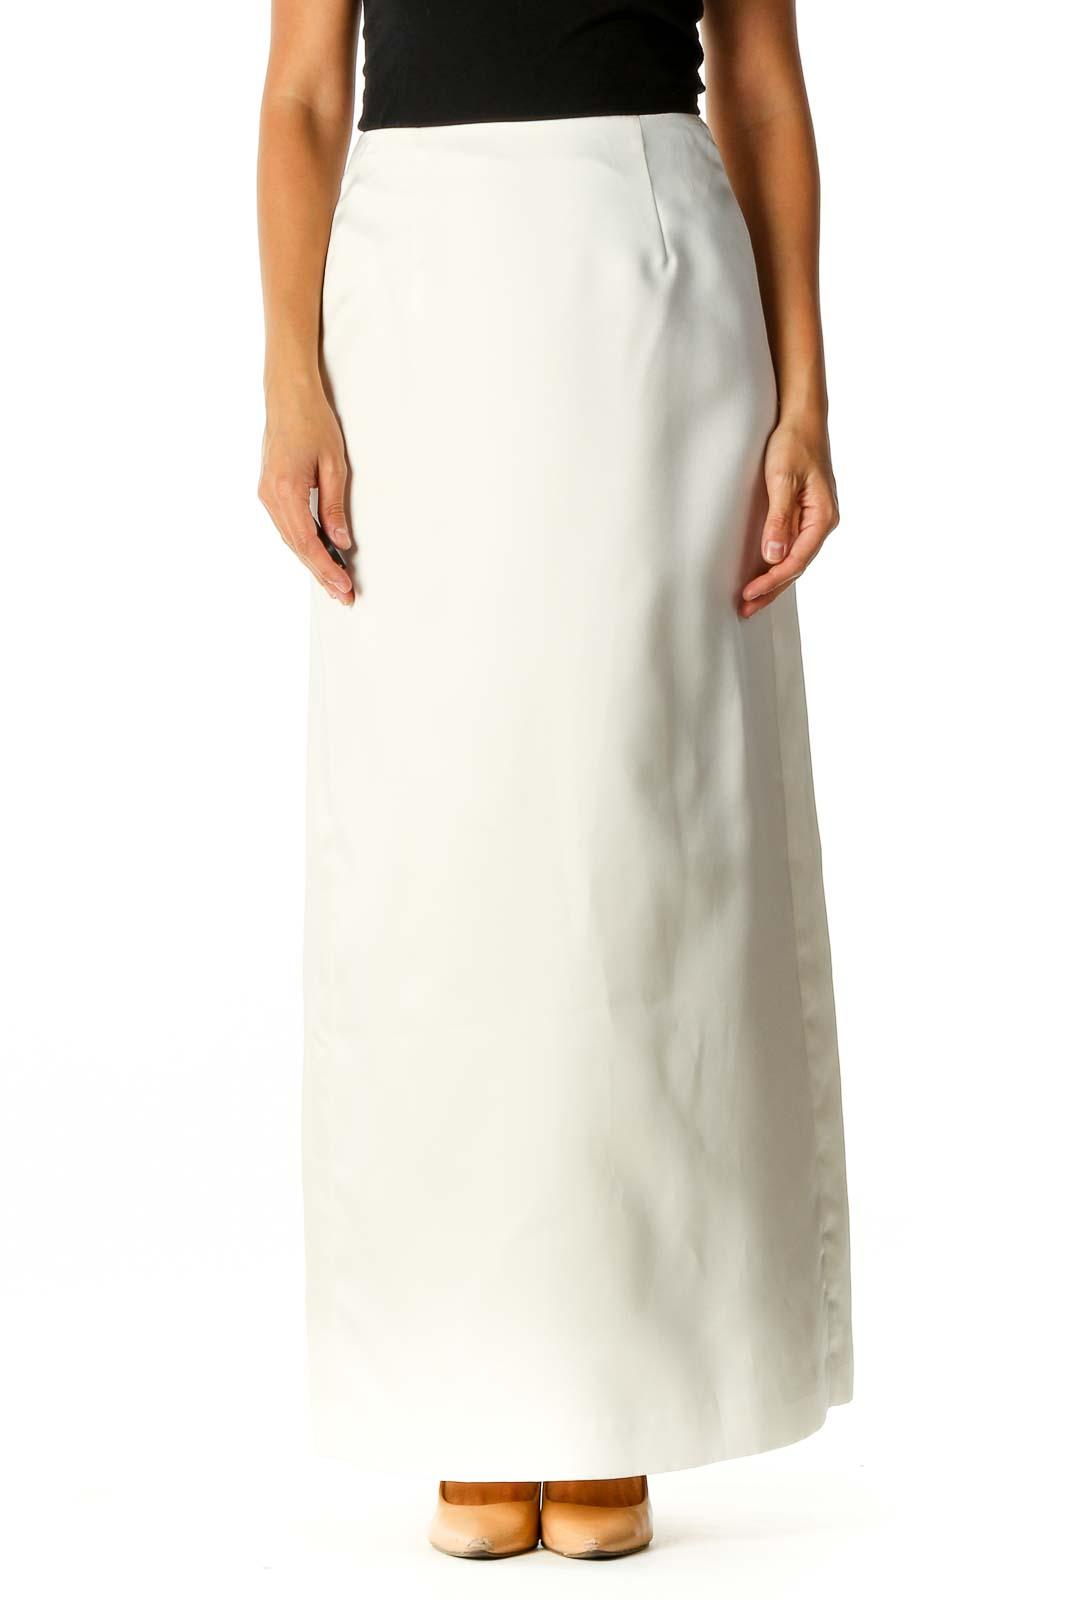 White Semiformal Straight Skirt Front